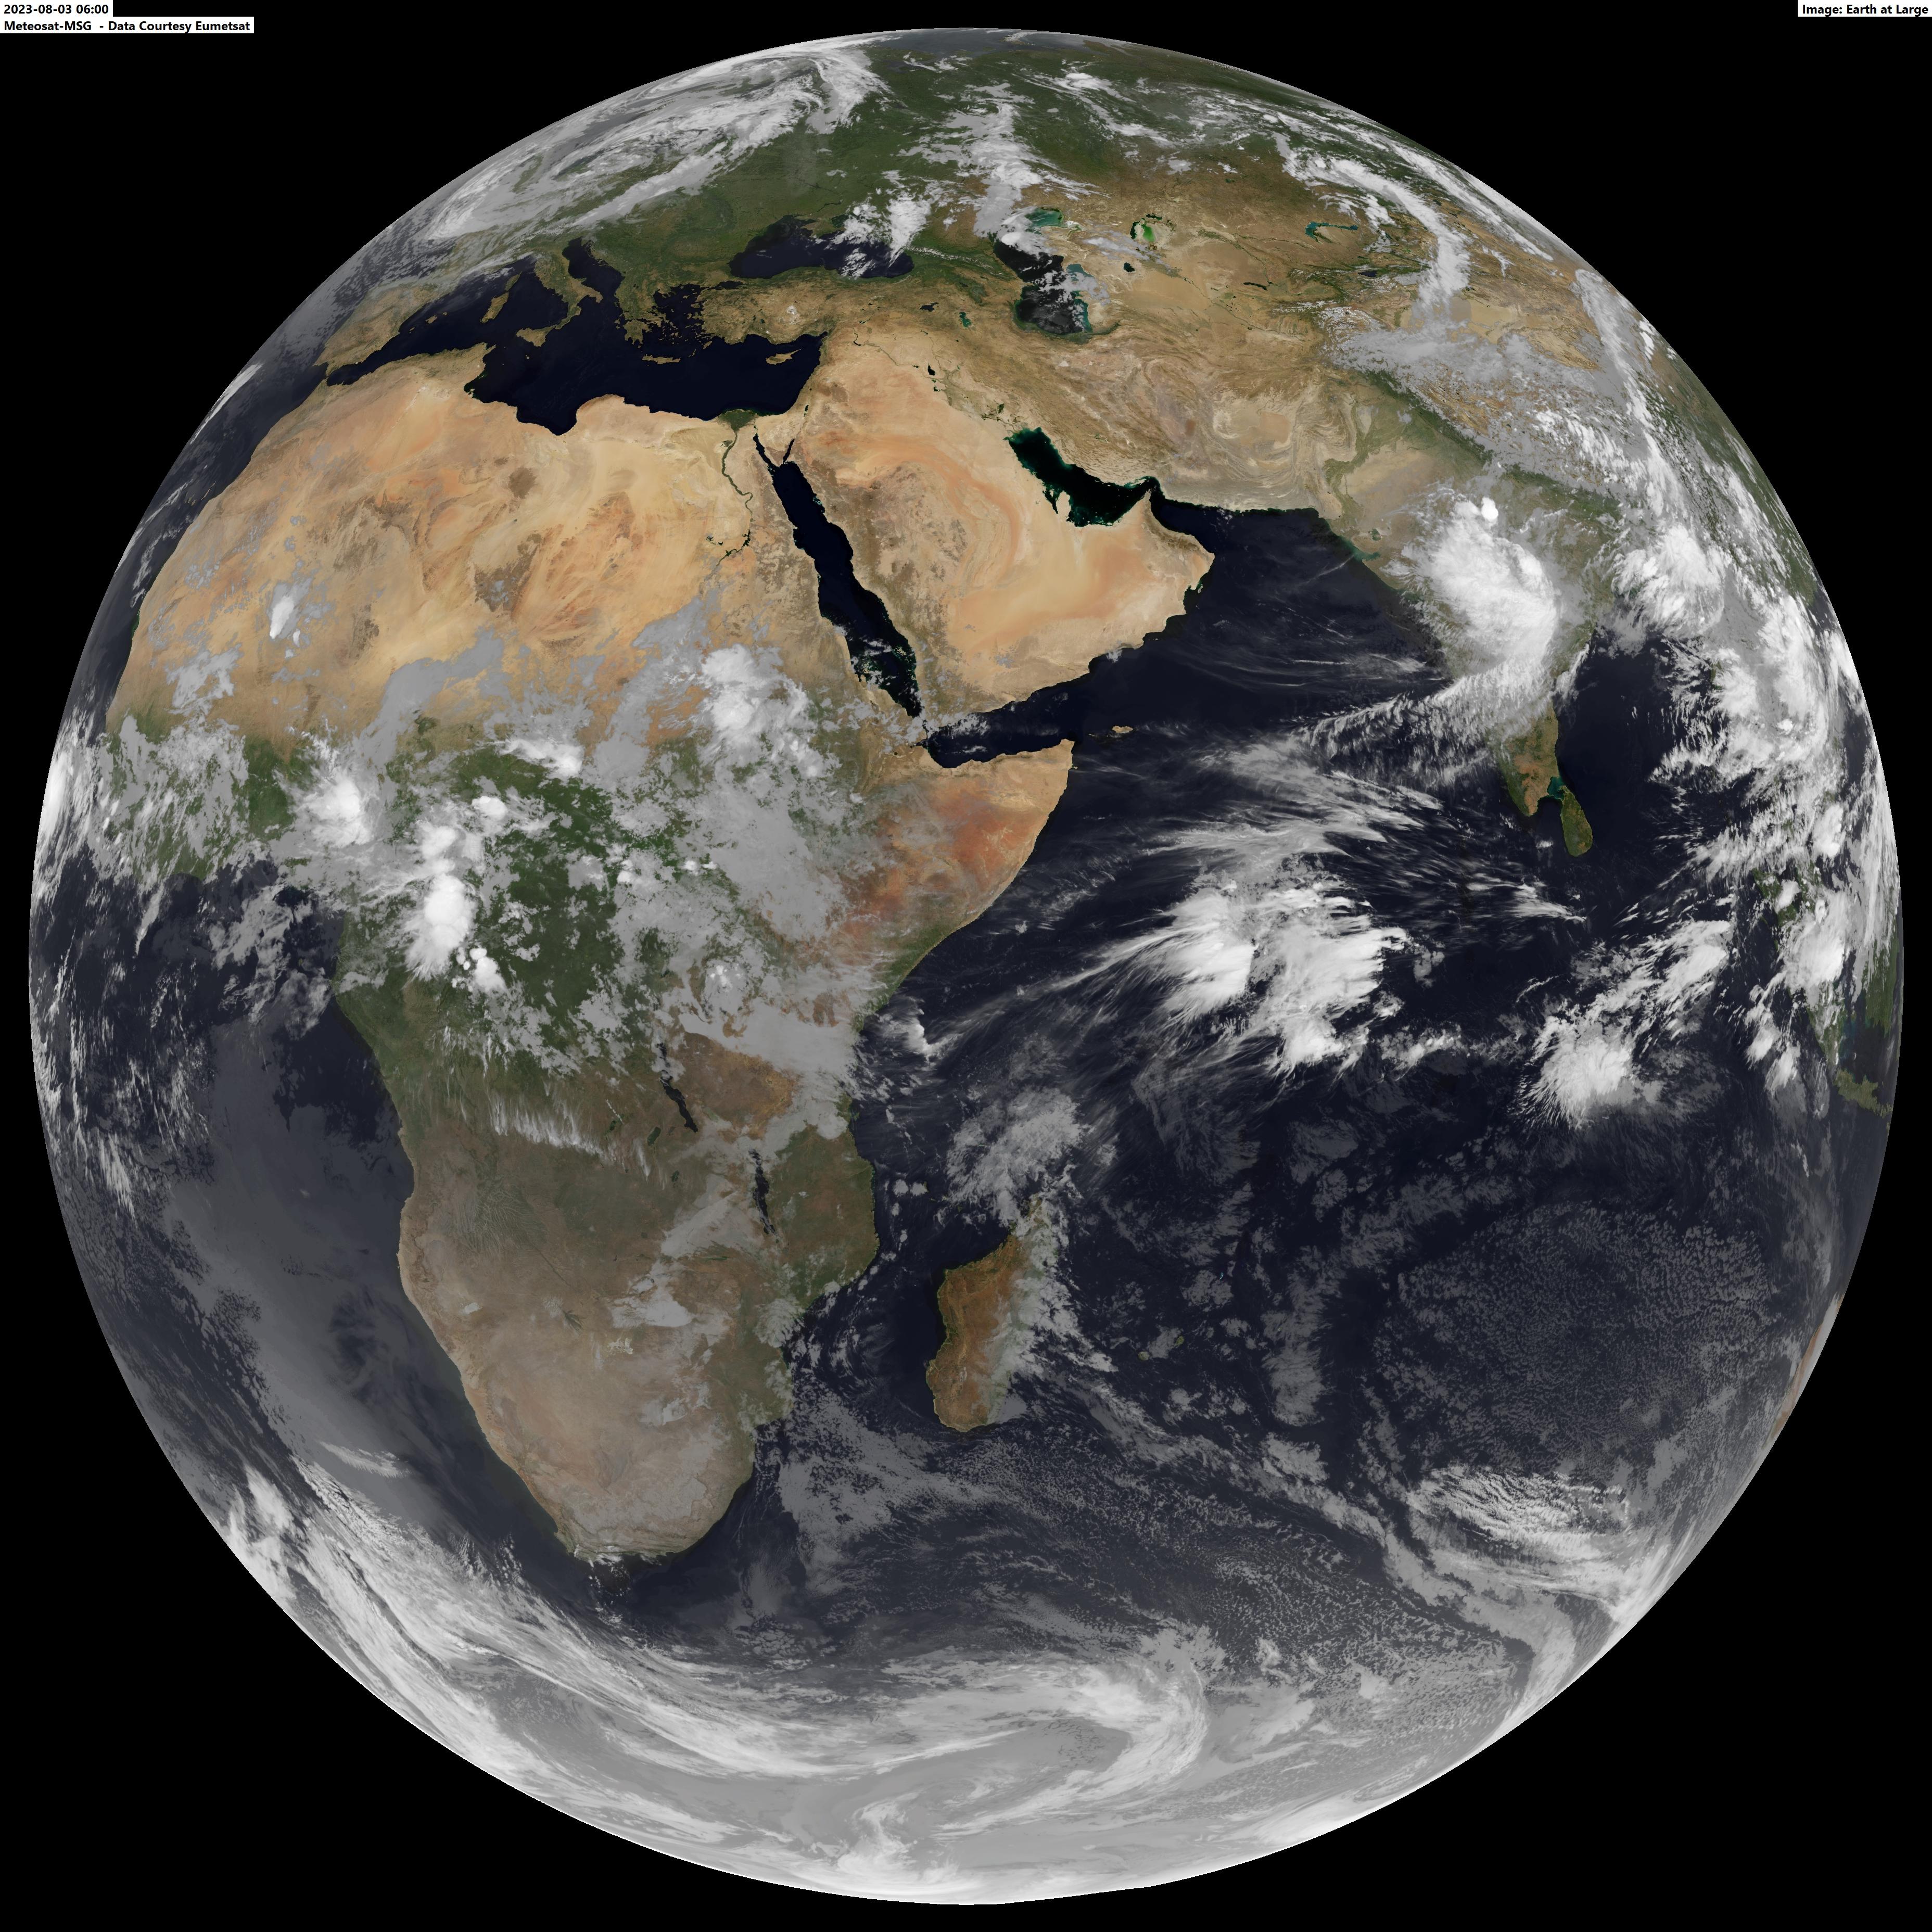 آخرین تصویر گرفته شده از زمین